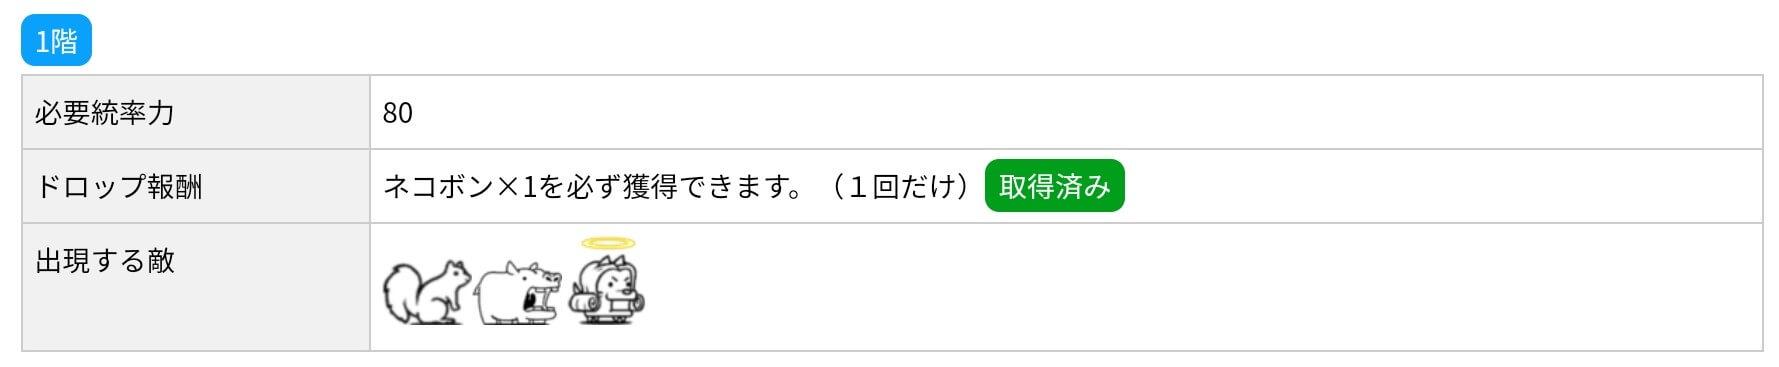 にゃんこ別塔(天)1階 敵編成